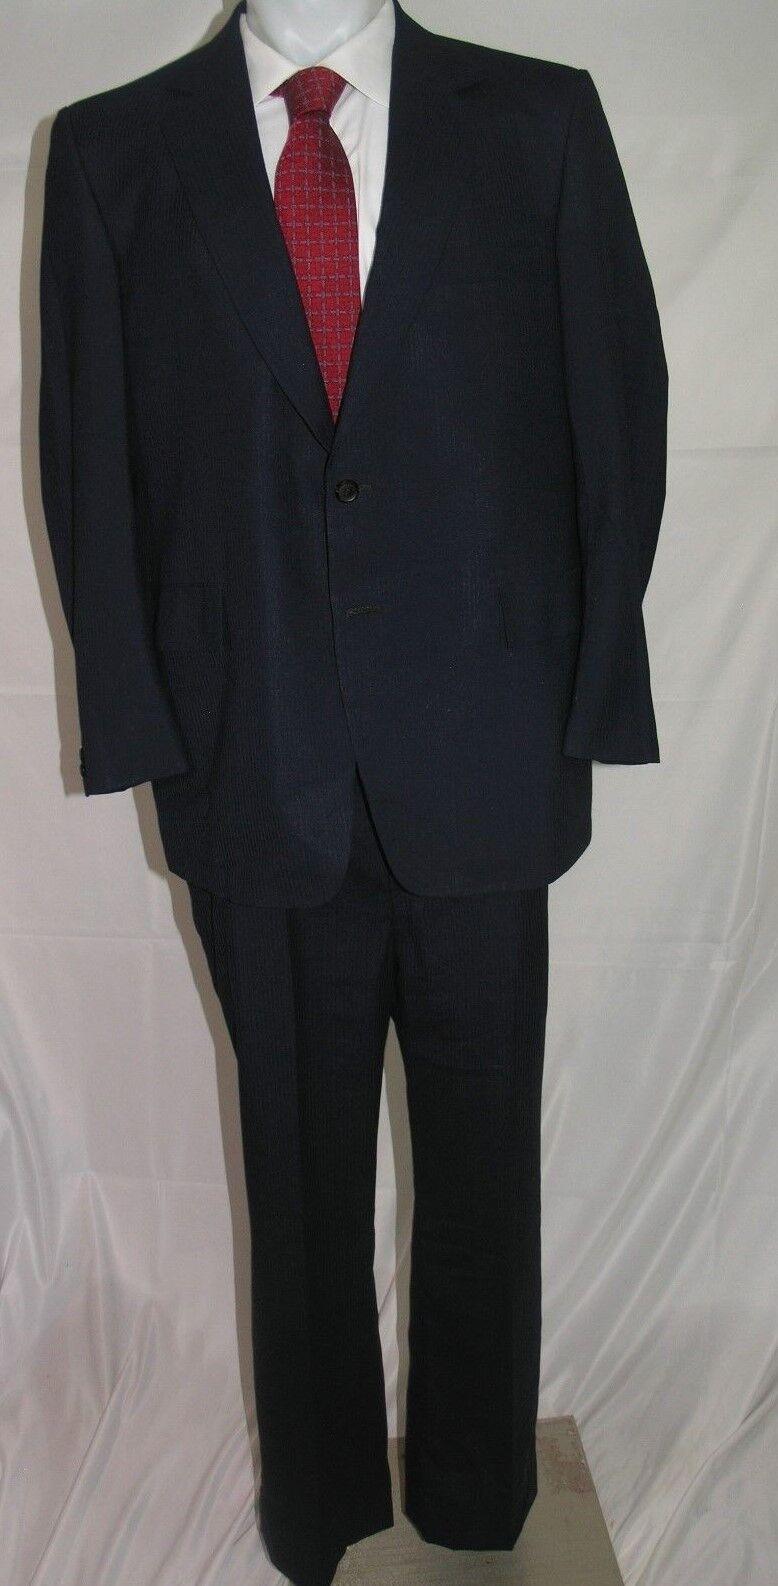 Martin Grünfield Vintage Two Button Flat Front Suit 46 R 37 x 29